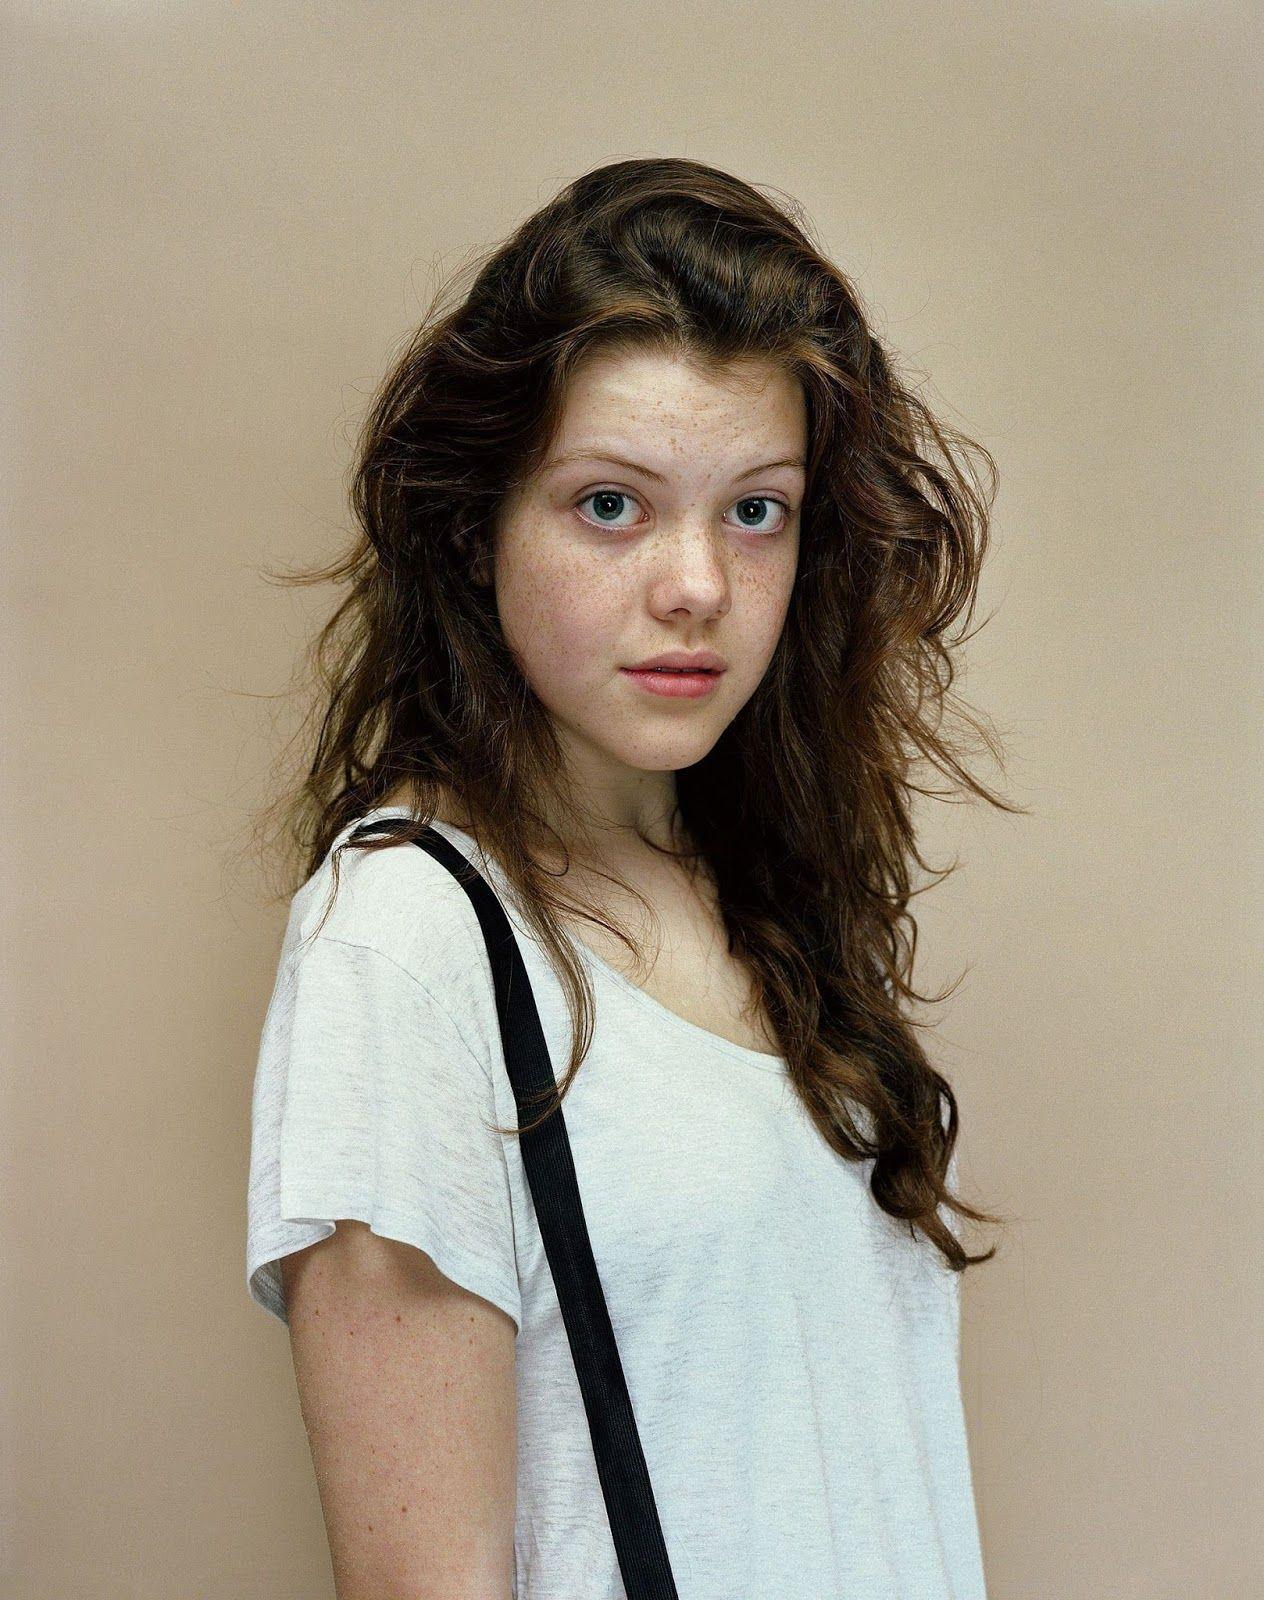 Julie Gonzalo,Emilia Fox (born 1974) Hot photos Eva LaRue,Lorna Maitland